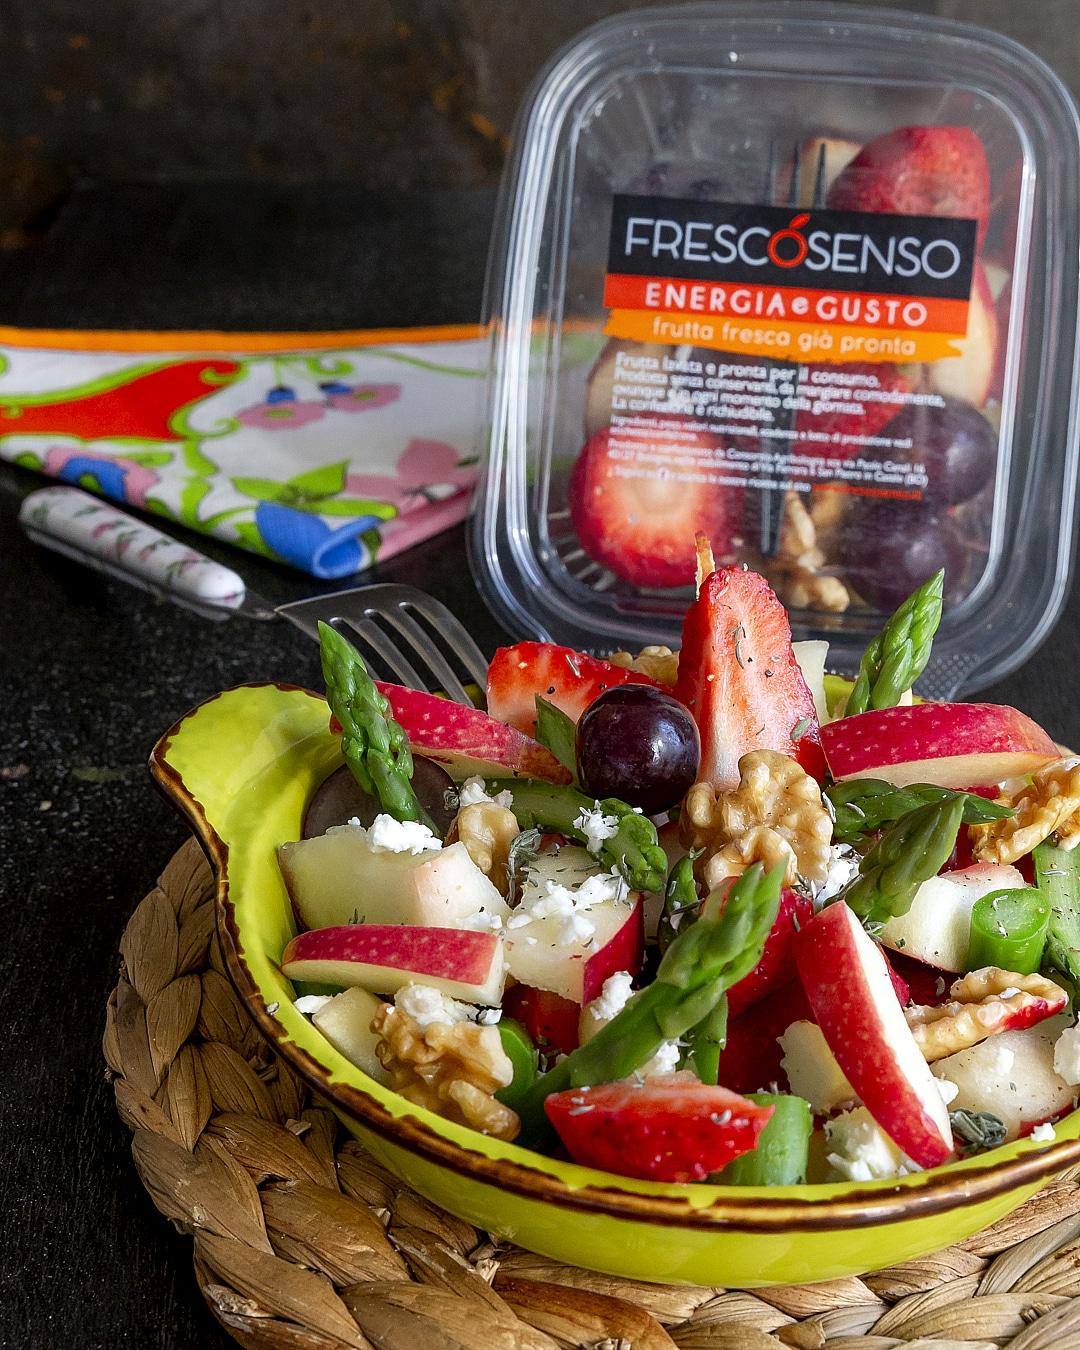 insalata-asparagi-piatto-unico-sano-energia-gusto-blog-contemporaneo-food-fresco-senso